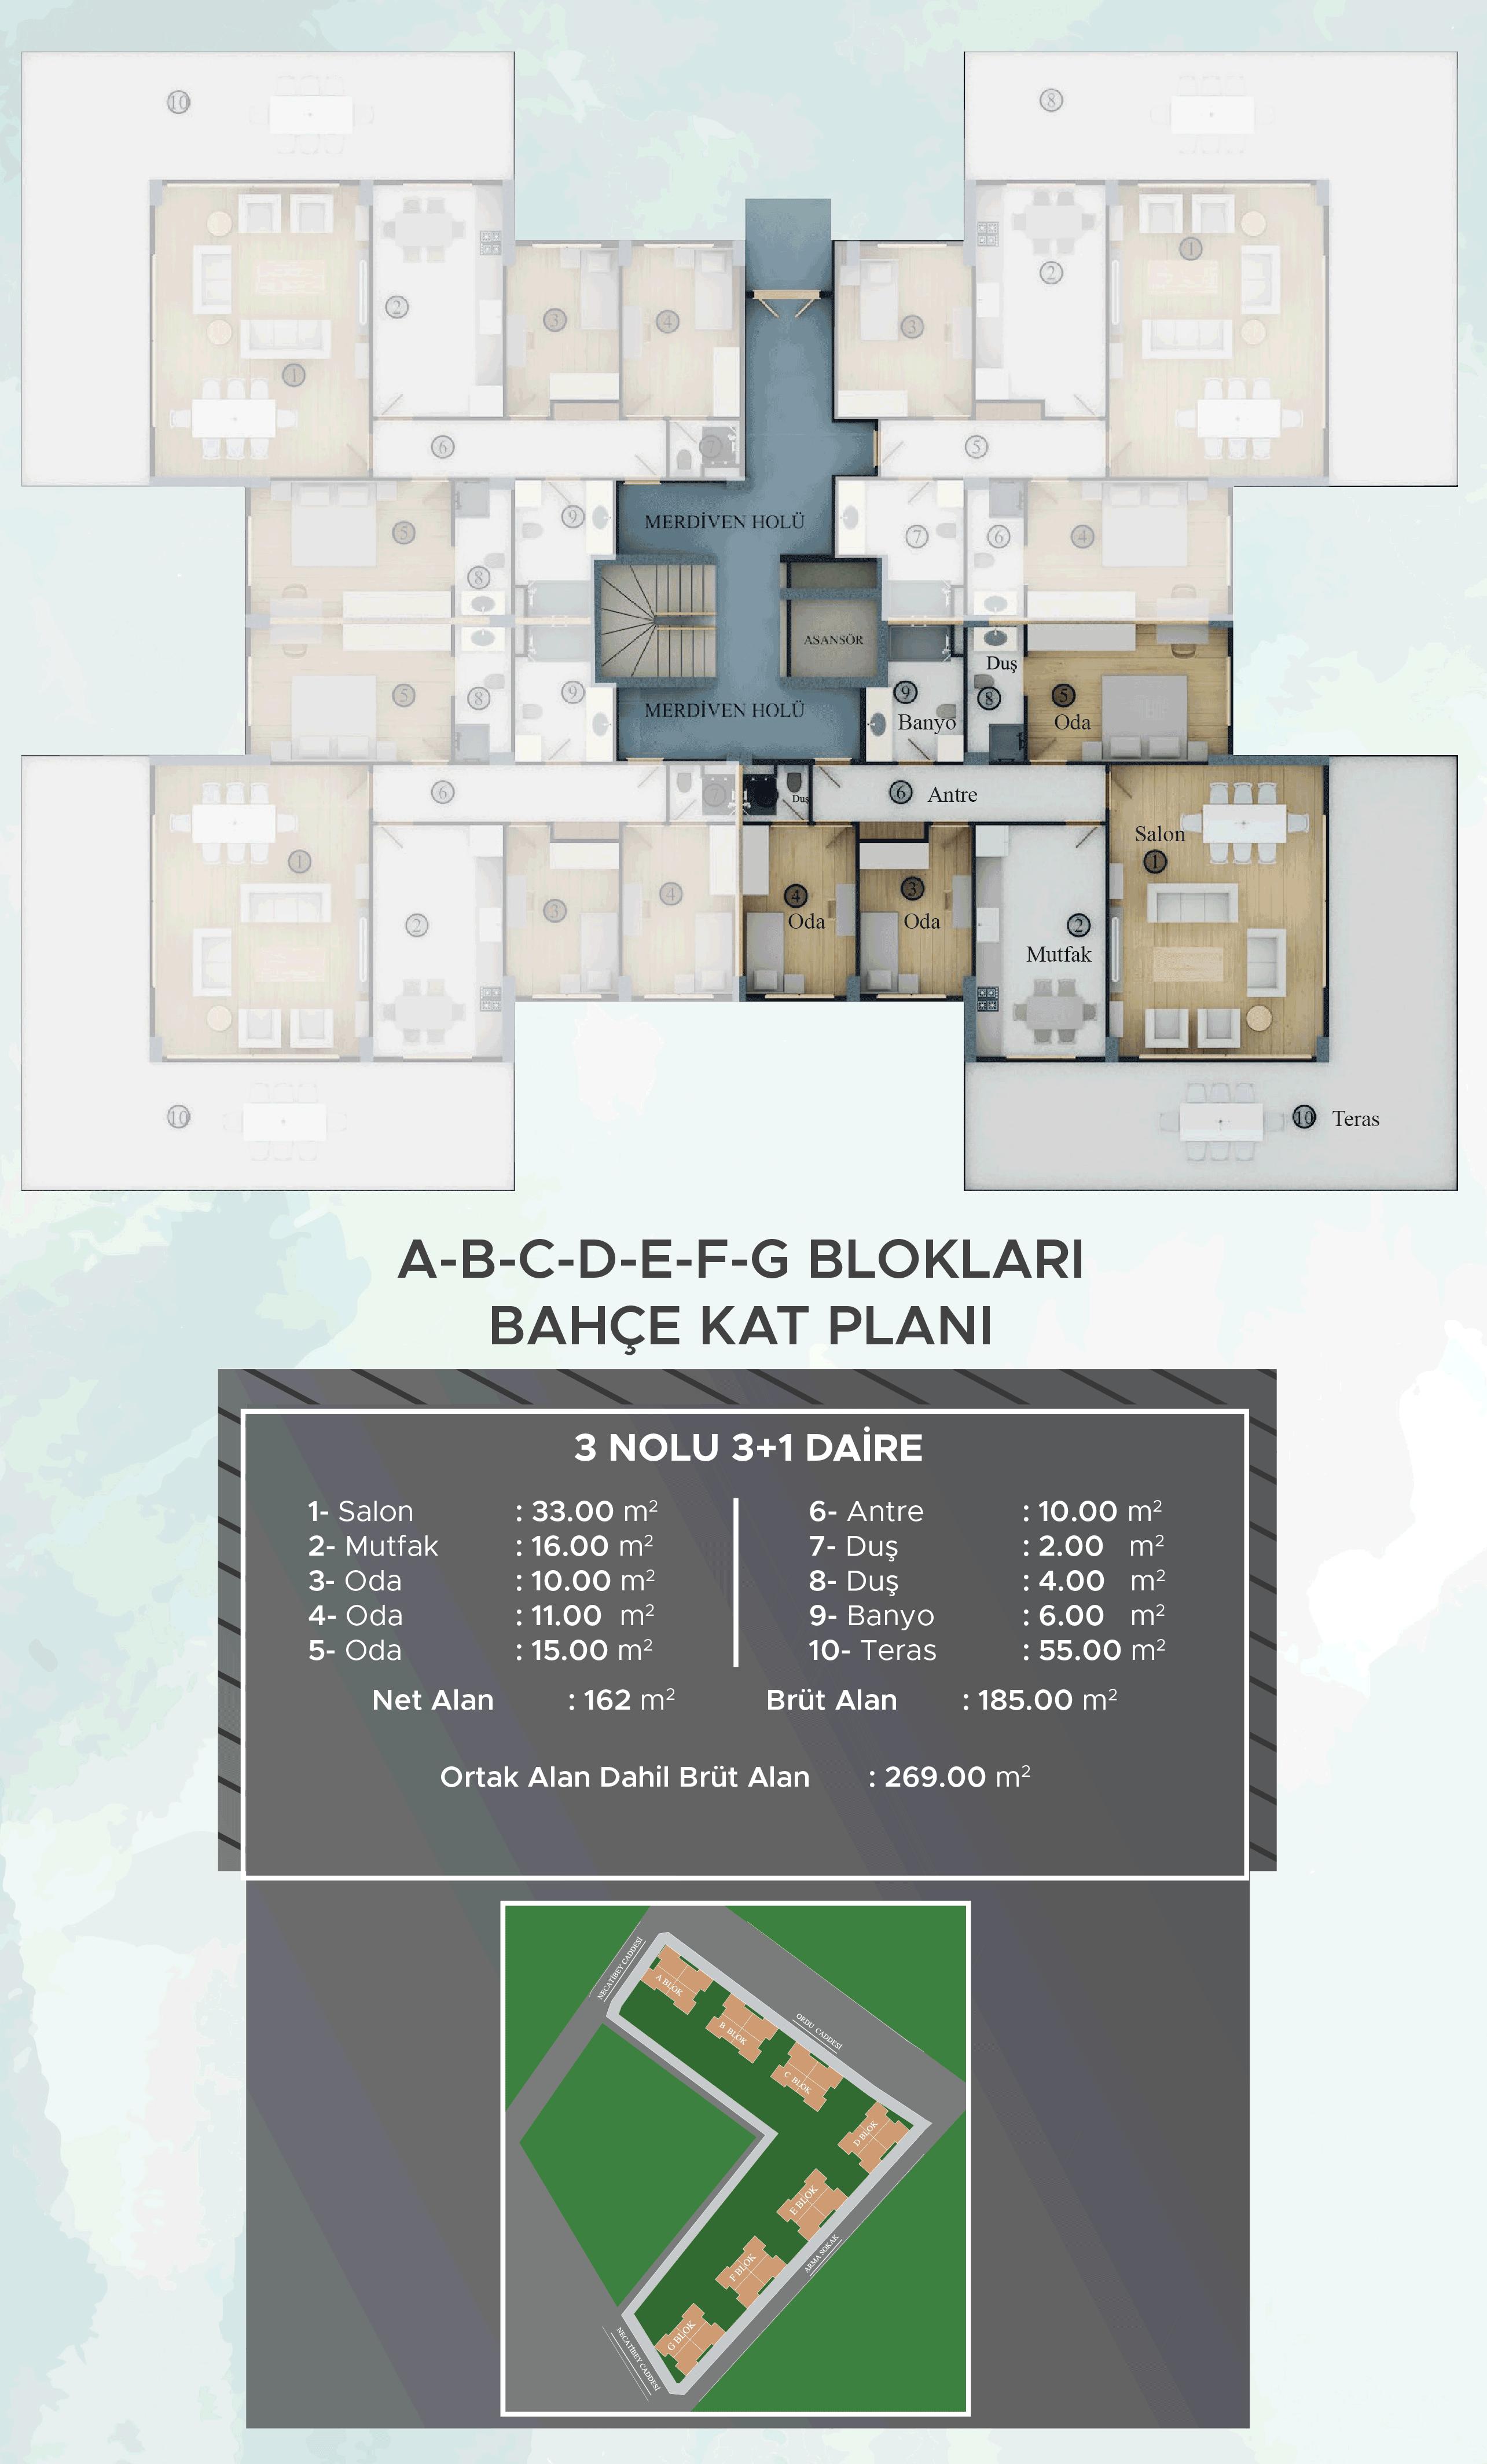 A-B-C-D-E-F-G Blokları Bahçe Kat Planları